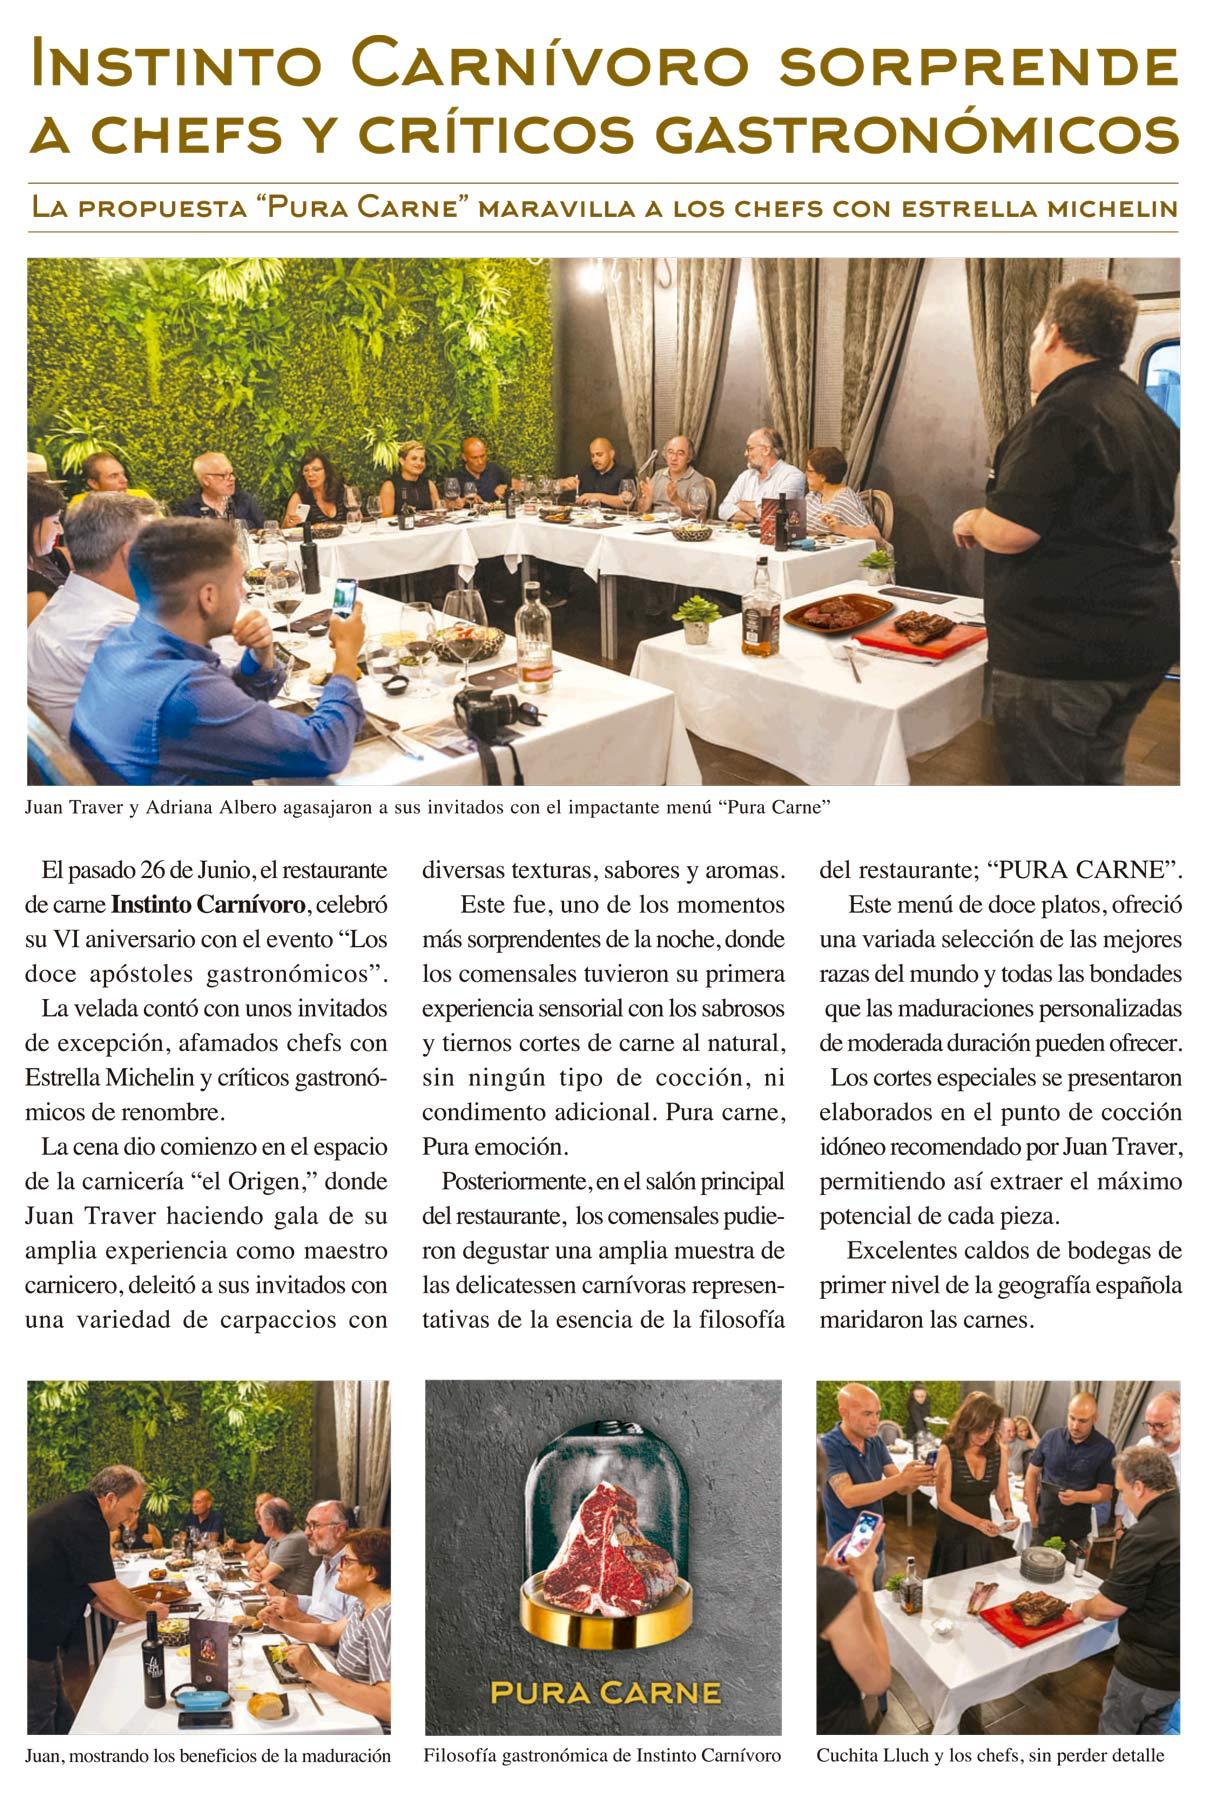 Reportaje en la revista Turisme i Gastronomía sobre el evento los doce apóstoles celebrado en el restaurante Instinto Carnívoro.